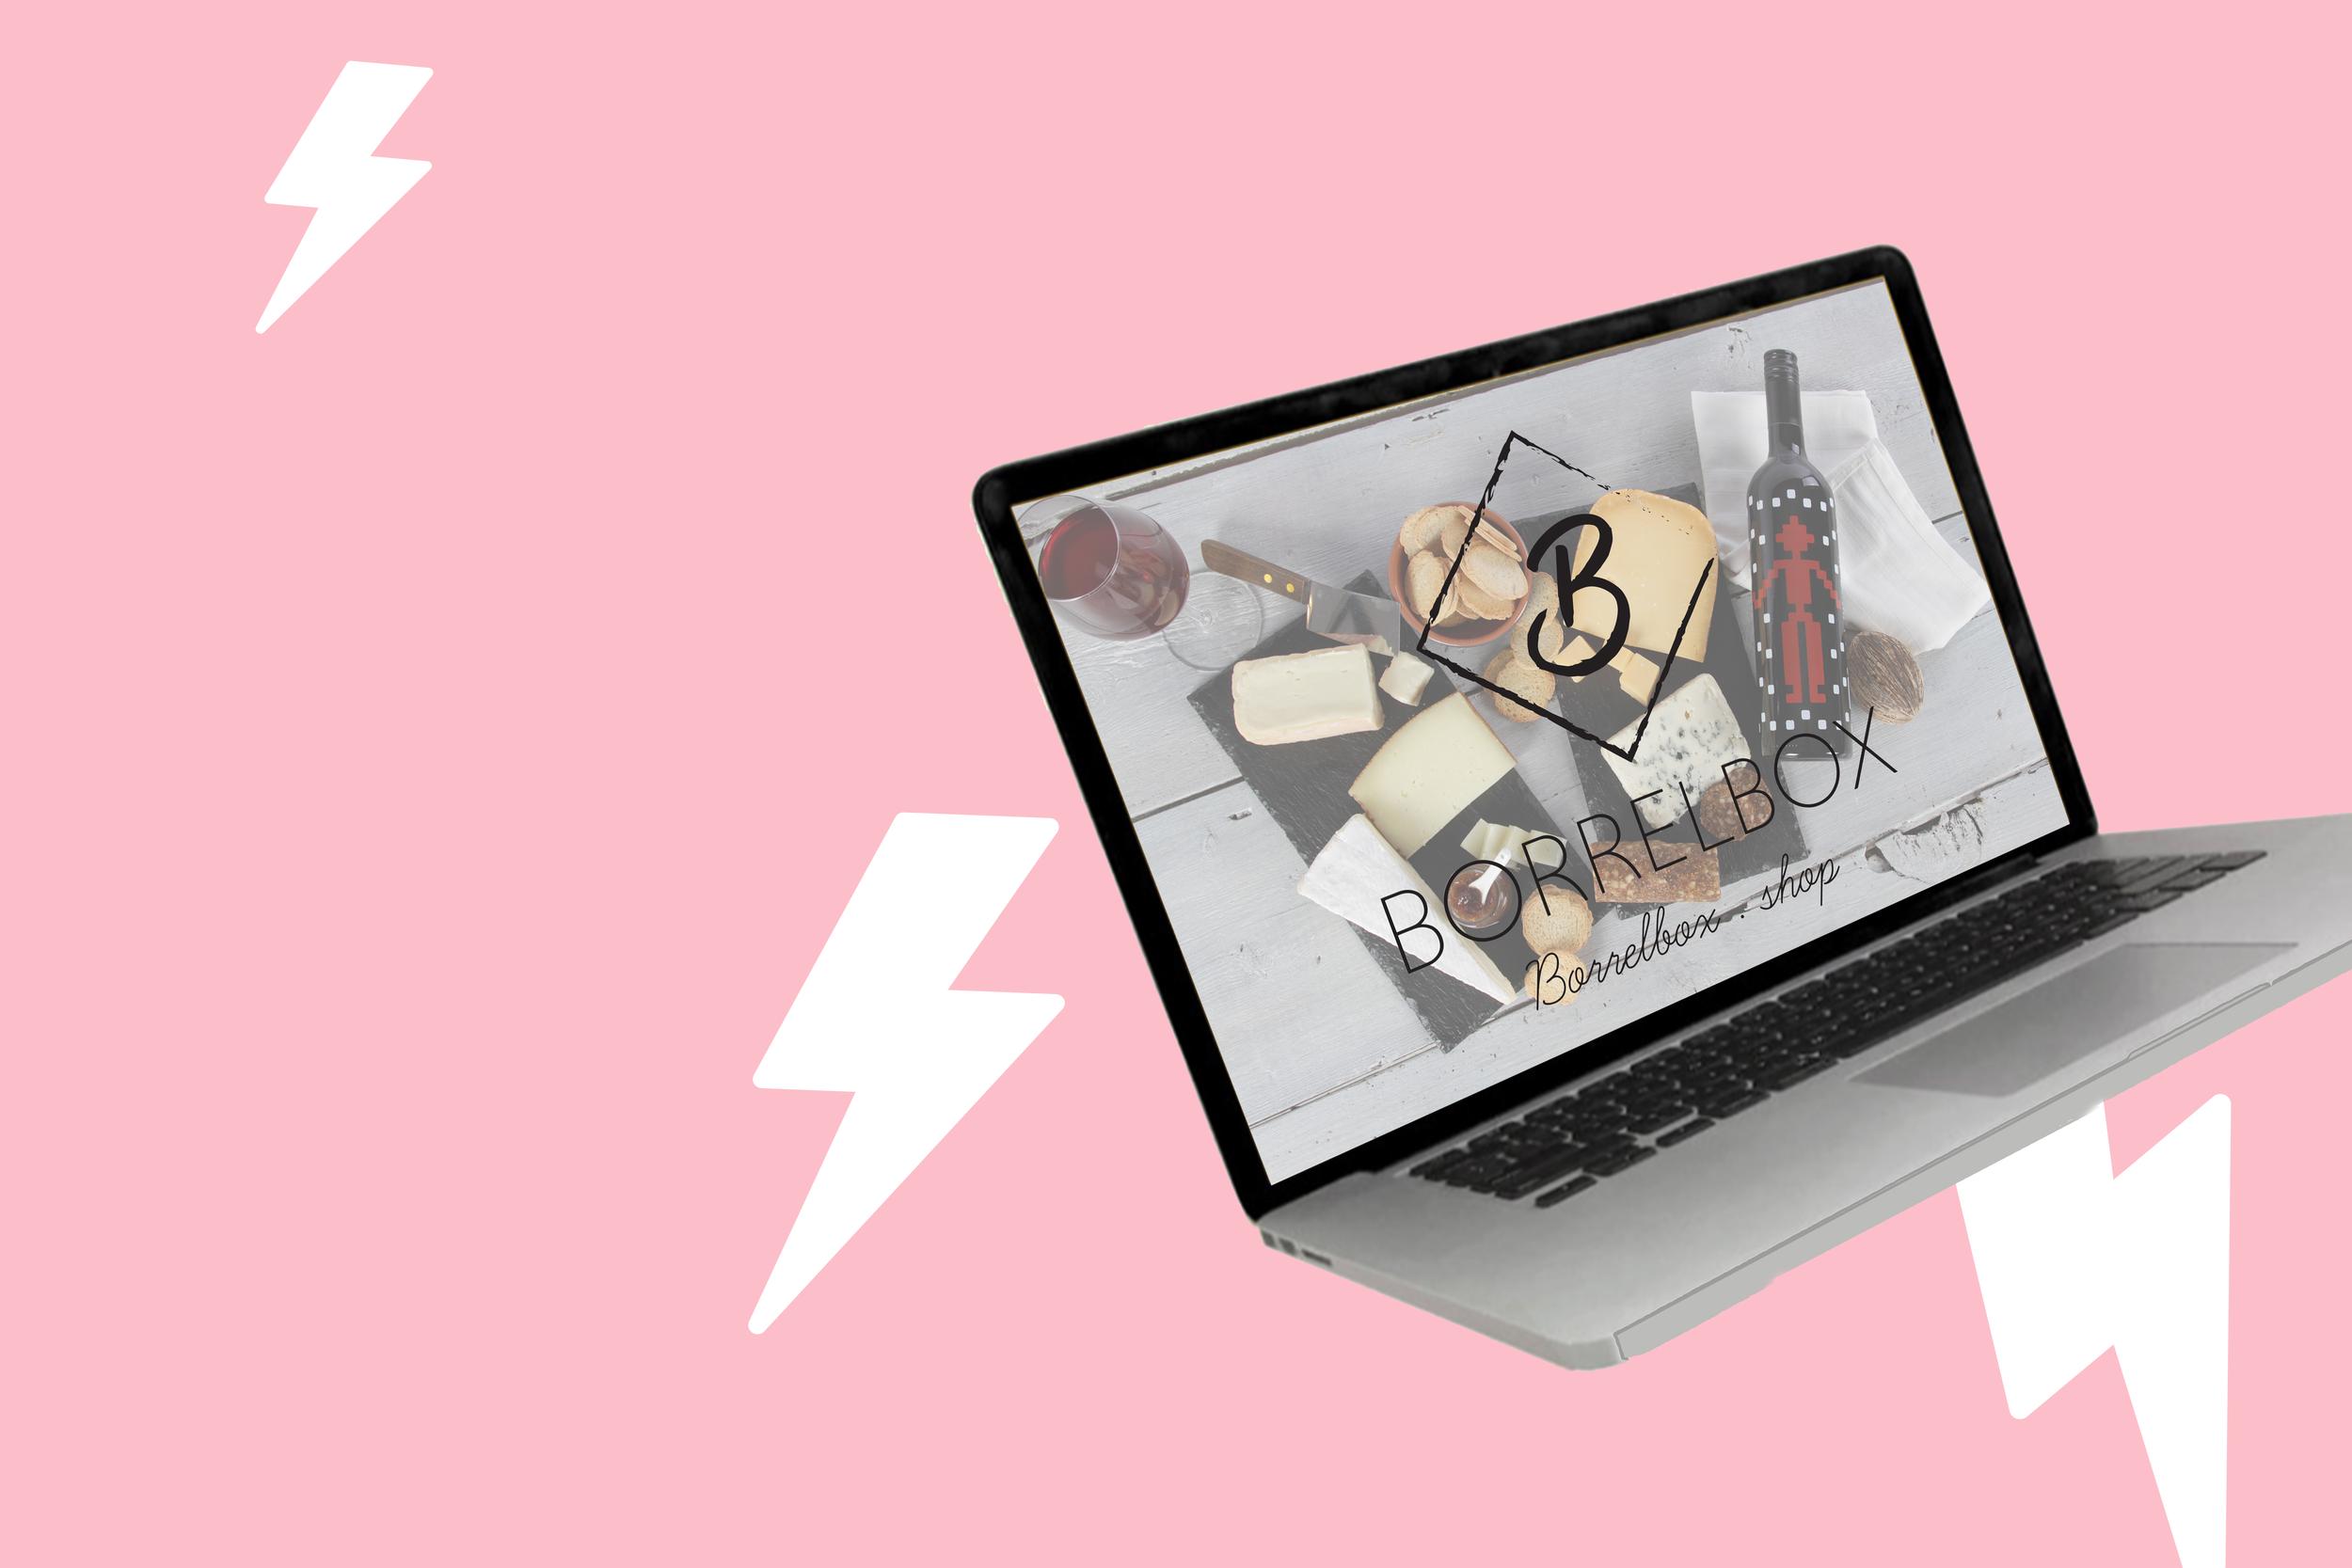 Werkwijze - KICK ASS BRANDING + WEBDESIGNOok zo toe aan website die er fantastisch uitziet én gemakkelijk is te onderhouden? Ik ontwerp 'm voor je! Klik de button als je meer wilt lezen over mijn werkwijze.